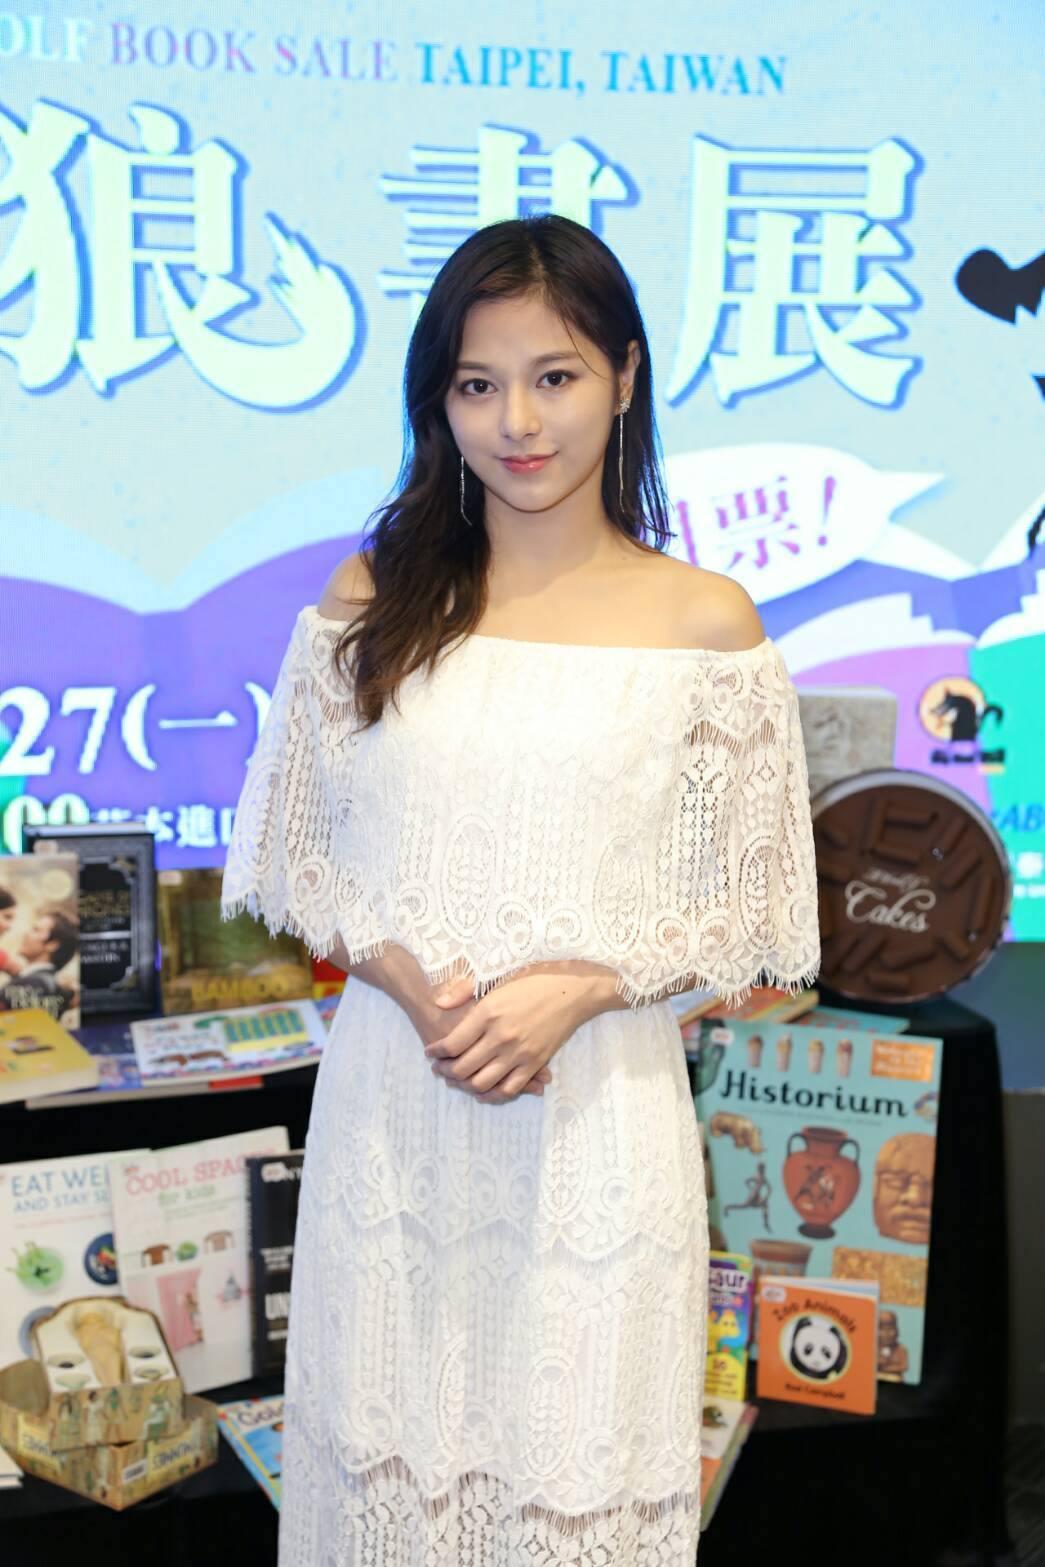 輔大周子瑜-陳苡瑄。 17 Media/提供